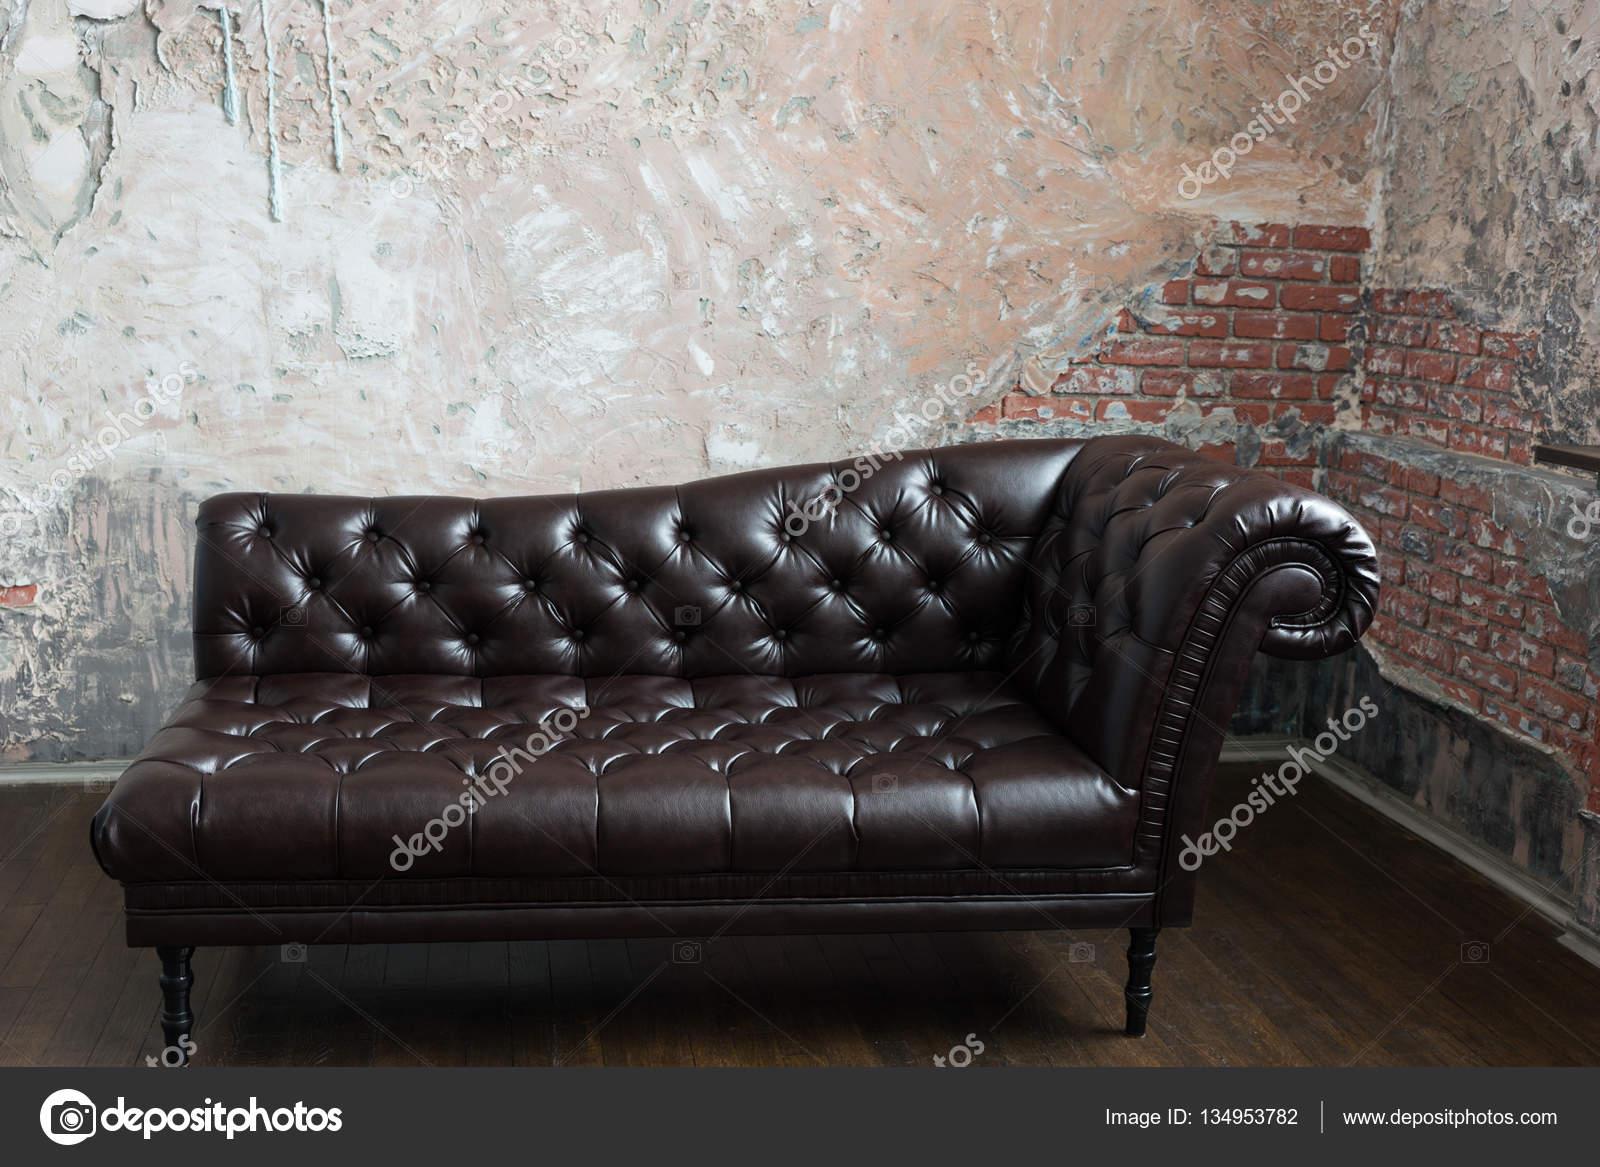 Leerbank in de engelse stijl in de kamer met oude bakstenen wal